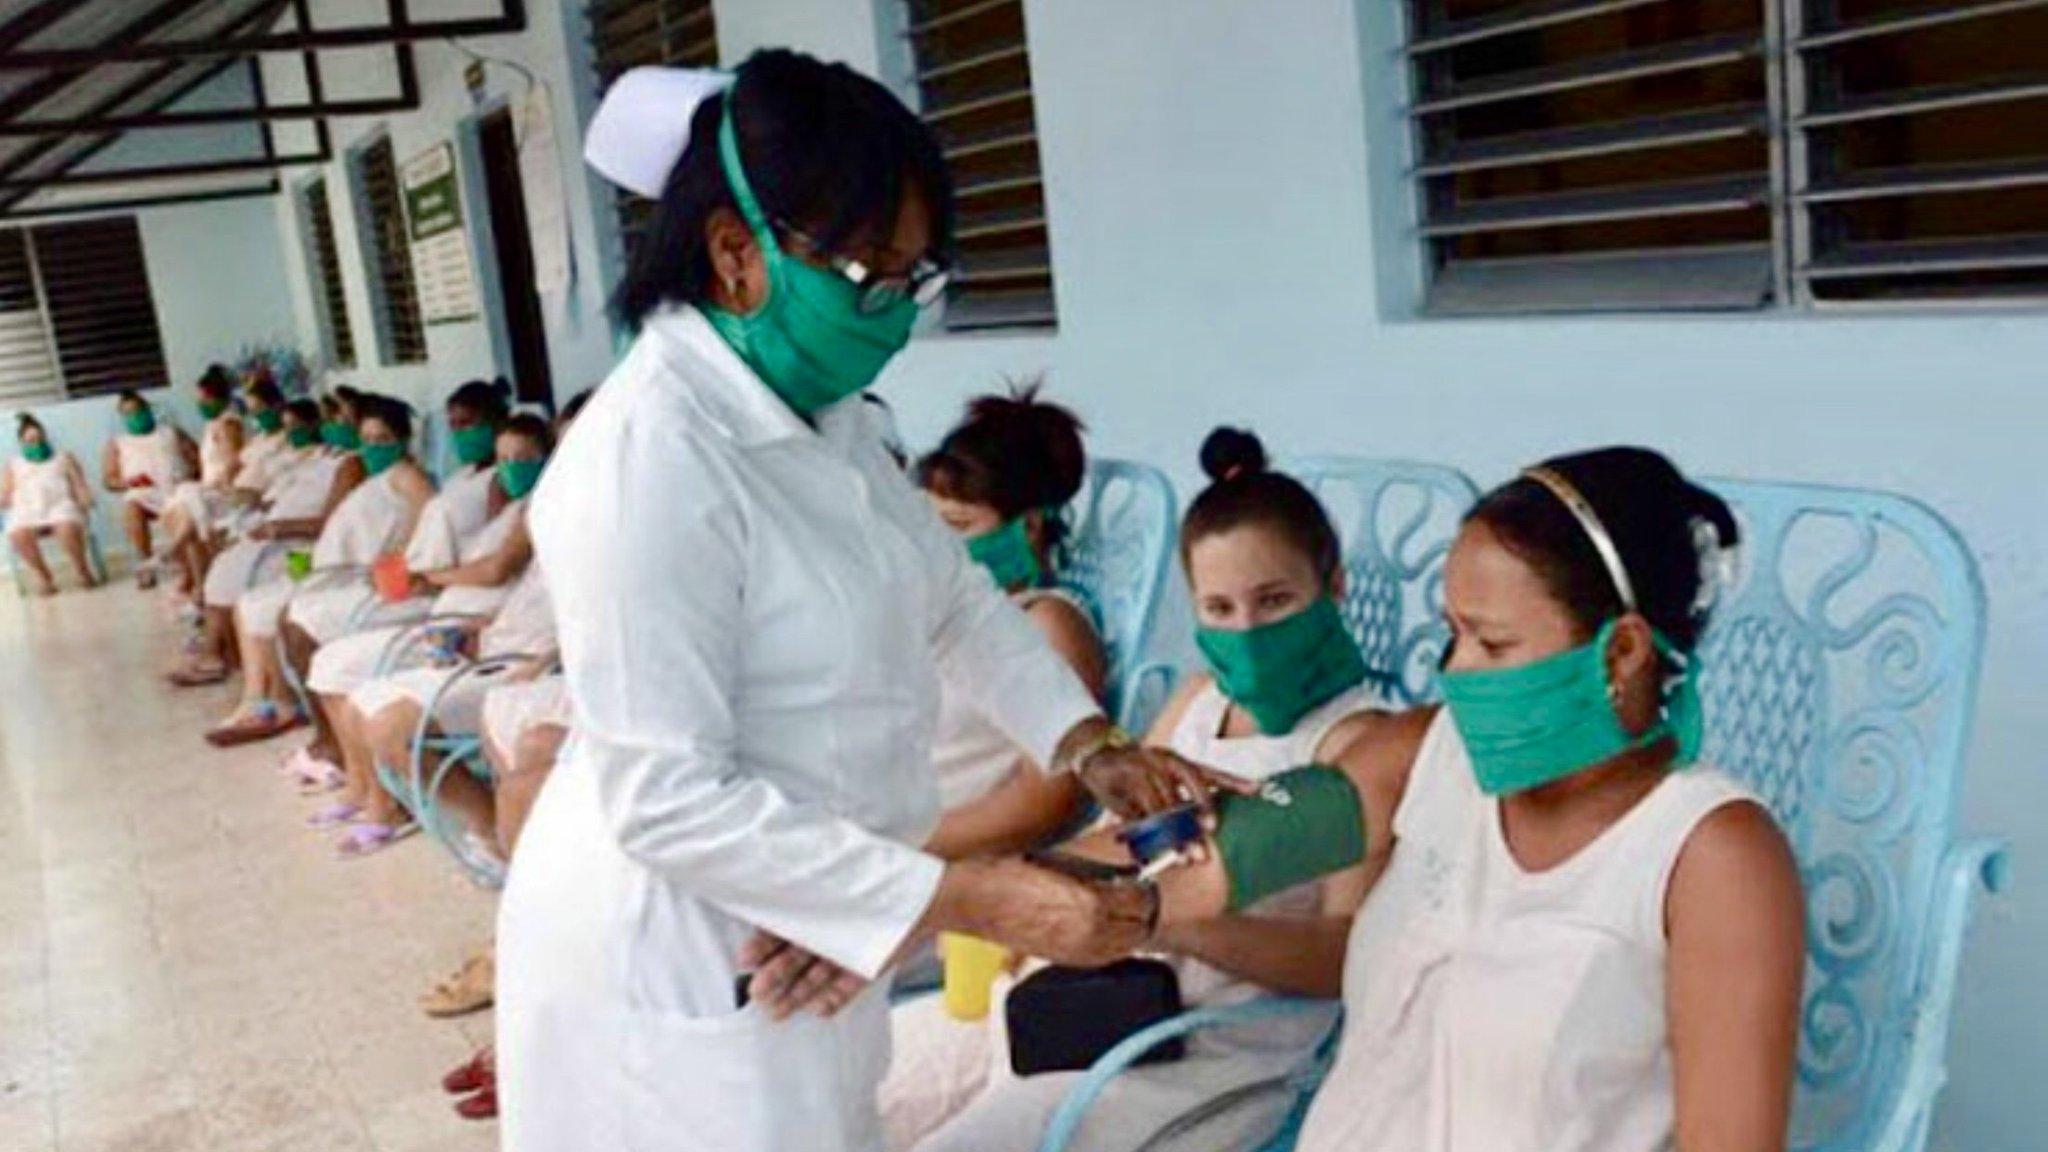 Remarca presidente de Cuba vacunación de embarazadas contra Covid-19